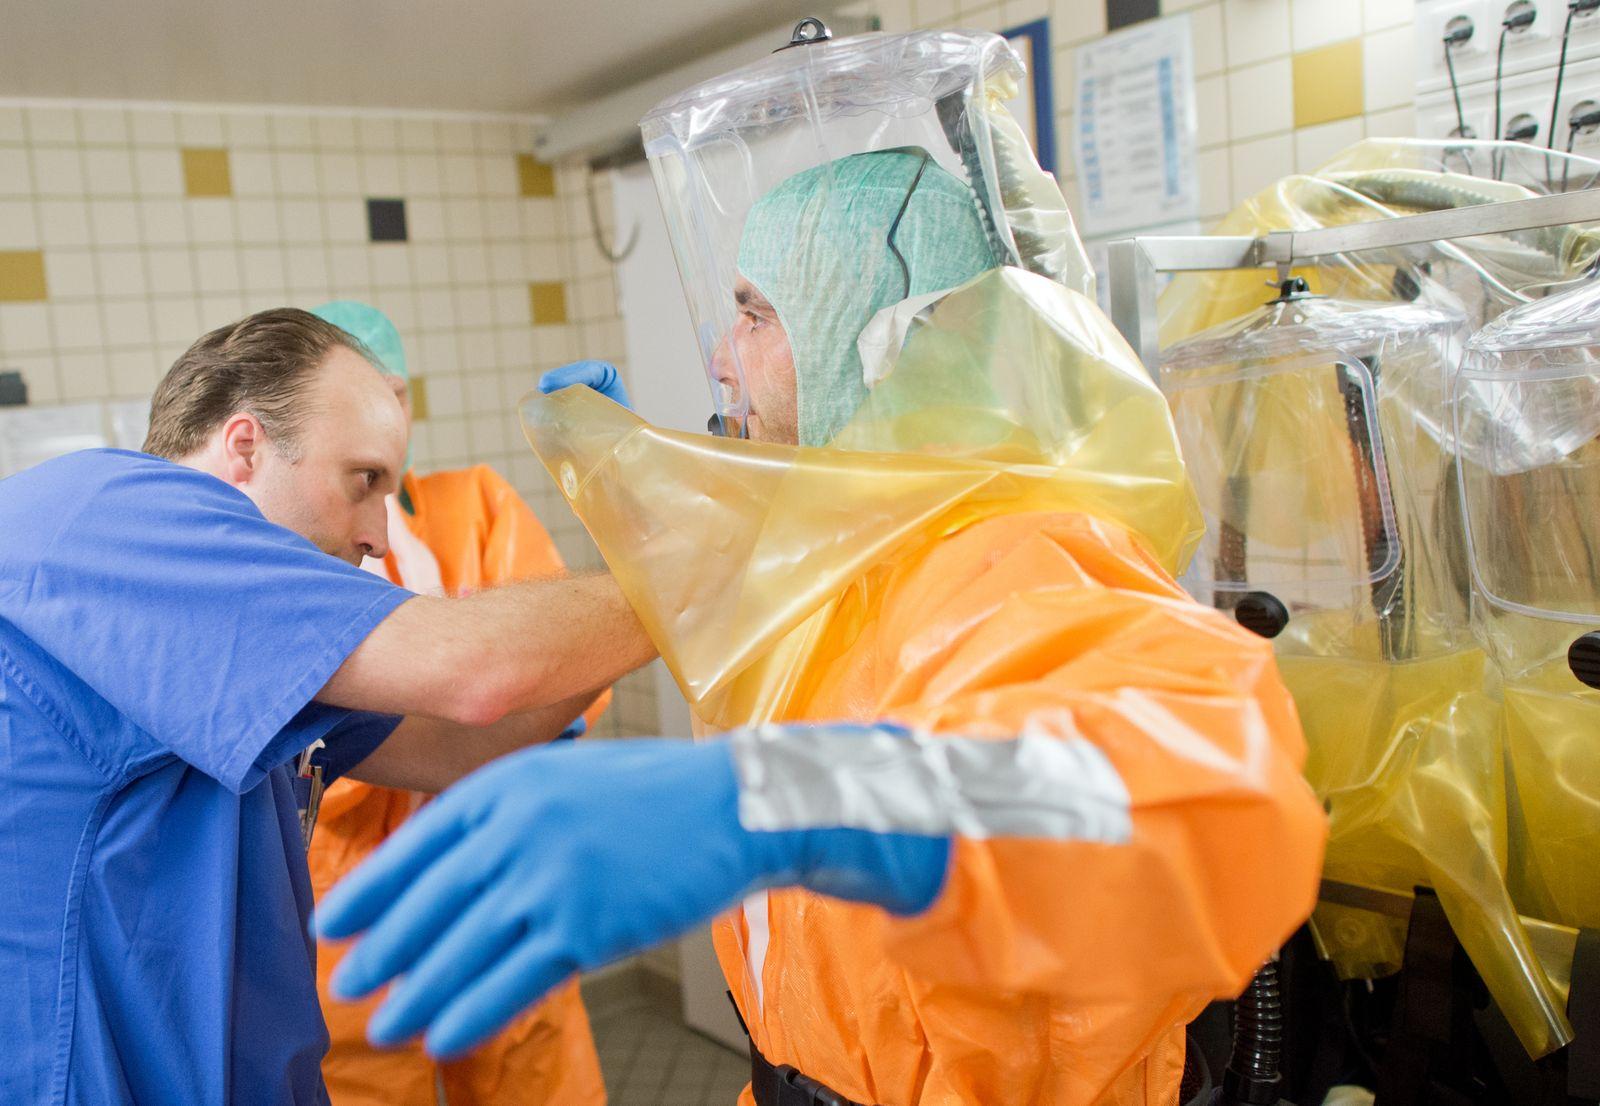 Isolierstation ist auch auf Ebola vorbereitet